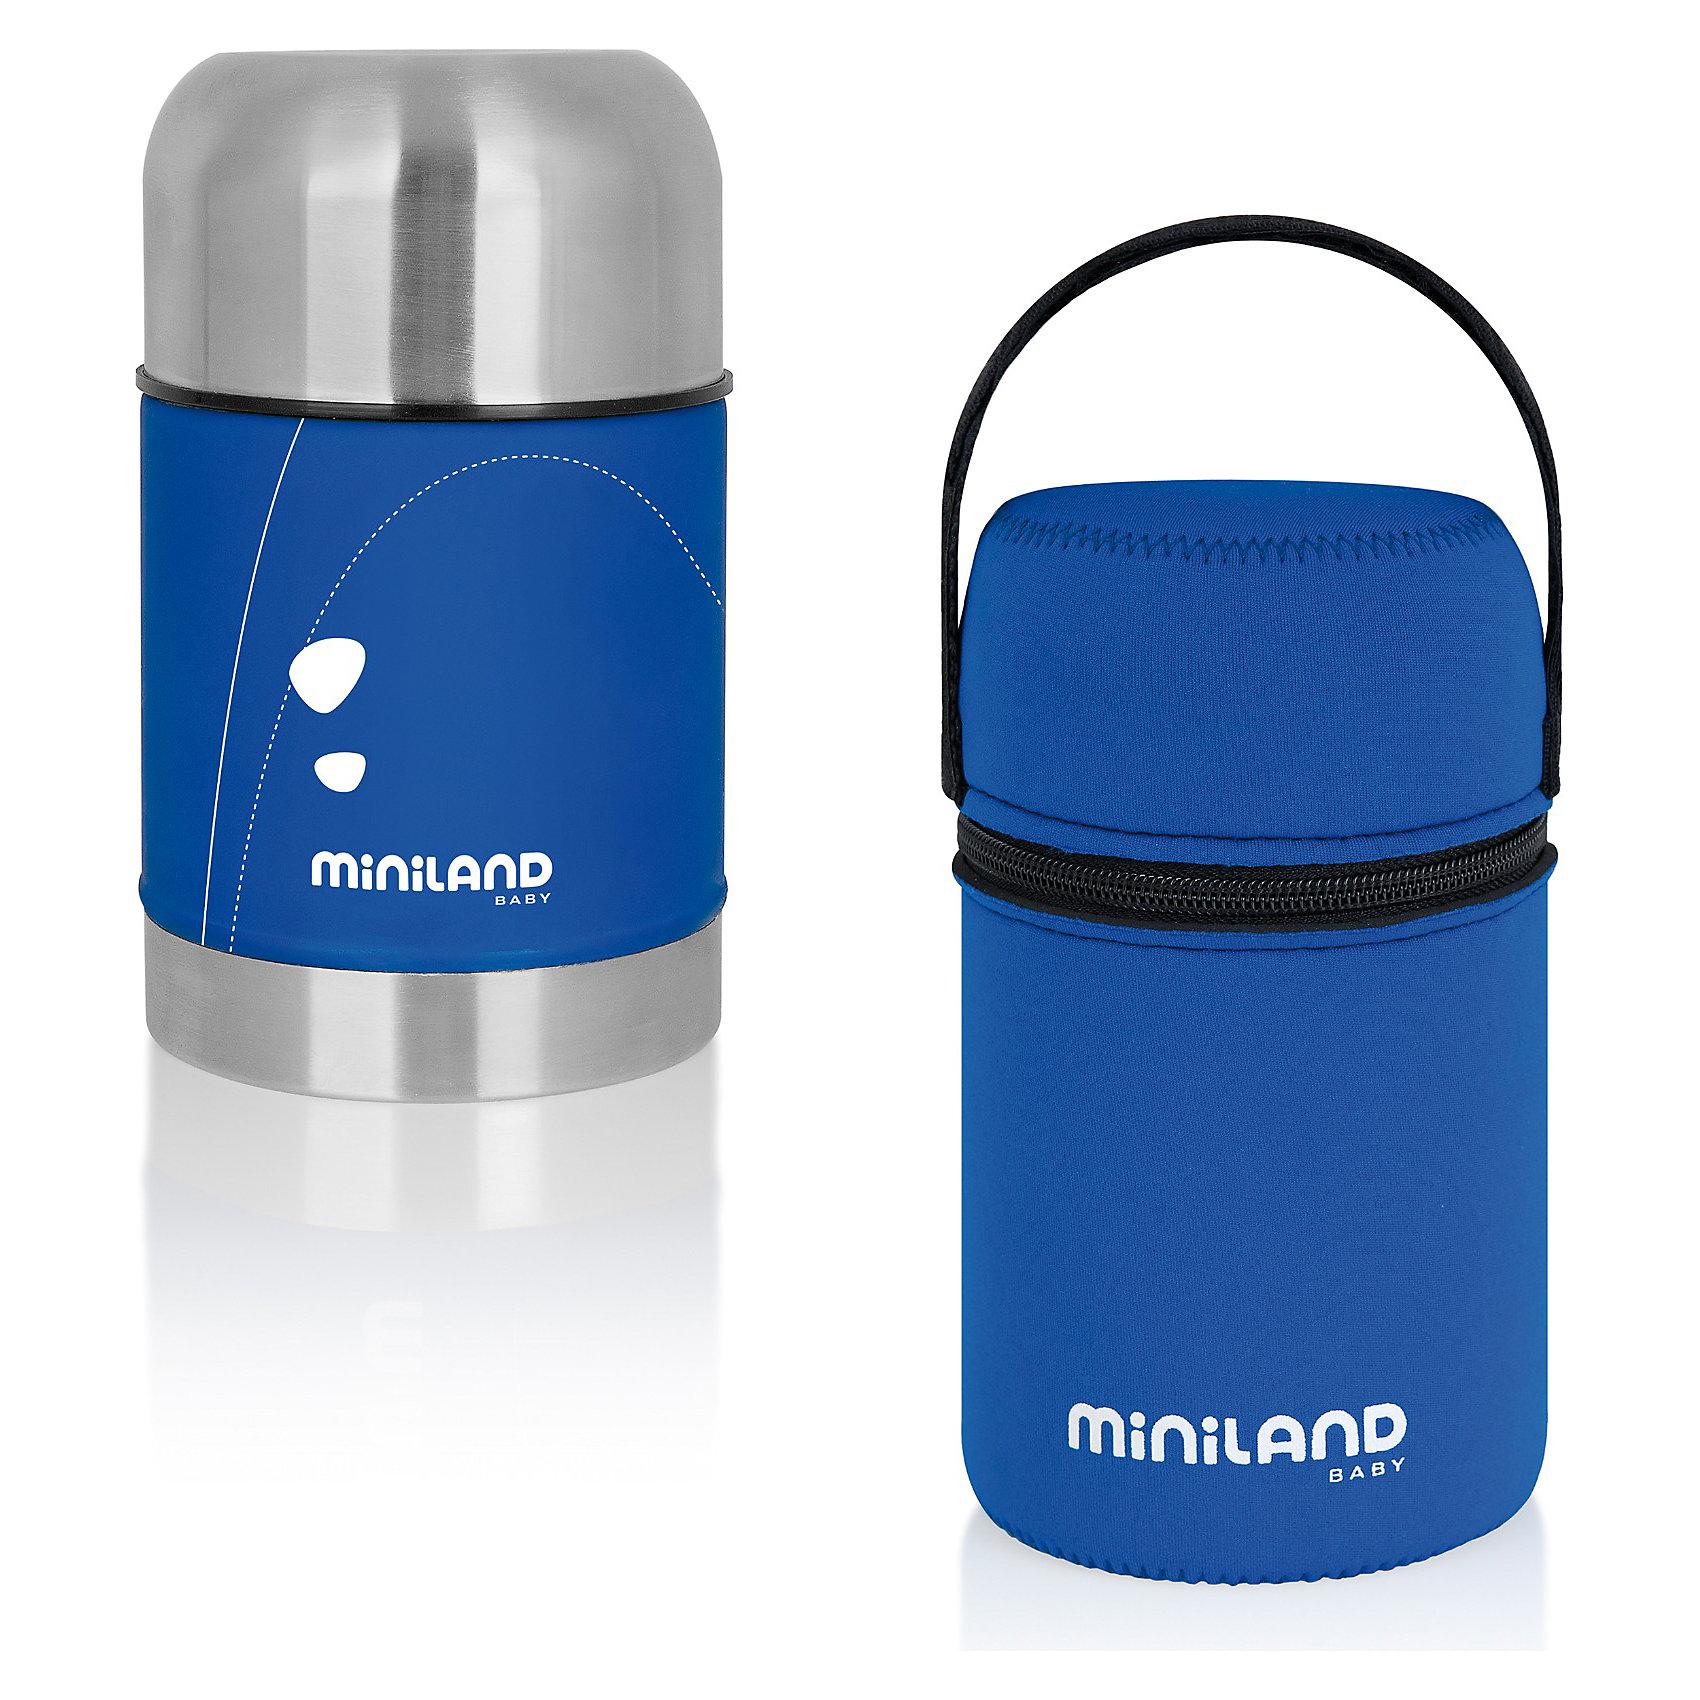 Термос для еды в сумке Miniland SOFT THERMO FOOD 600 мл, синийДетский термос для жидкой и твердой пищи от компании Miniland имеет мягкую прорезиненную, очень приятную на ощупь поверхность. Каркас термоса и крышка сделаны из нержавеющей стали, устойчивой к падениям и ударам, легко моются. Термос поддерживает температуру пищи в течение длительного периода времени. Закрывается при помощи плотно завинчивающейся крышки и колпачка, который можно использовать в качестве посуды для кормления. Термос компактный и легкий, в комплекте с удобной сумкой для транспортировки, которая помогает дольше сохранить тепло. С помощью липучки ее можно пристегнуть к коляске или сумке. Прекрасный вариант для поездок и путешествий. <br><br>Дополнительная информация:<br><br>-  Объем: 600 мл.<br>- Материал: нержавеющая сталь, резина, пластик, текстиль.<br>- Цвет: синий.<br>- Высота термоса: 17,5 см.<br>- Комплектация: термос, сумка. <br> <br>Термос для еды в сумке Miniland SOFT THERMO FOOD 600 мл, синий, можно купить в нашем магазине.<br><br>Ширина мм: 201<br>Глубина мм: 116<br>Высота мм: 114<br>Вес г: 615<br>Возраст от месяцев: 0<br>Возраст до месяцев: 23<br>Пол: Унисекс<br>Возраст: Детский<br>SKU: 3288448